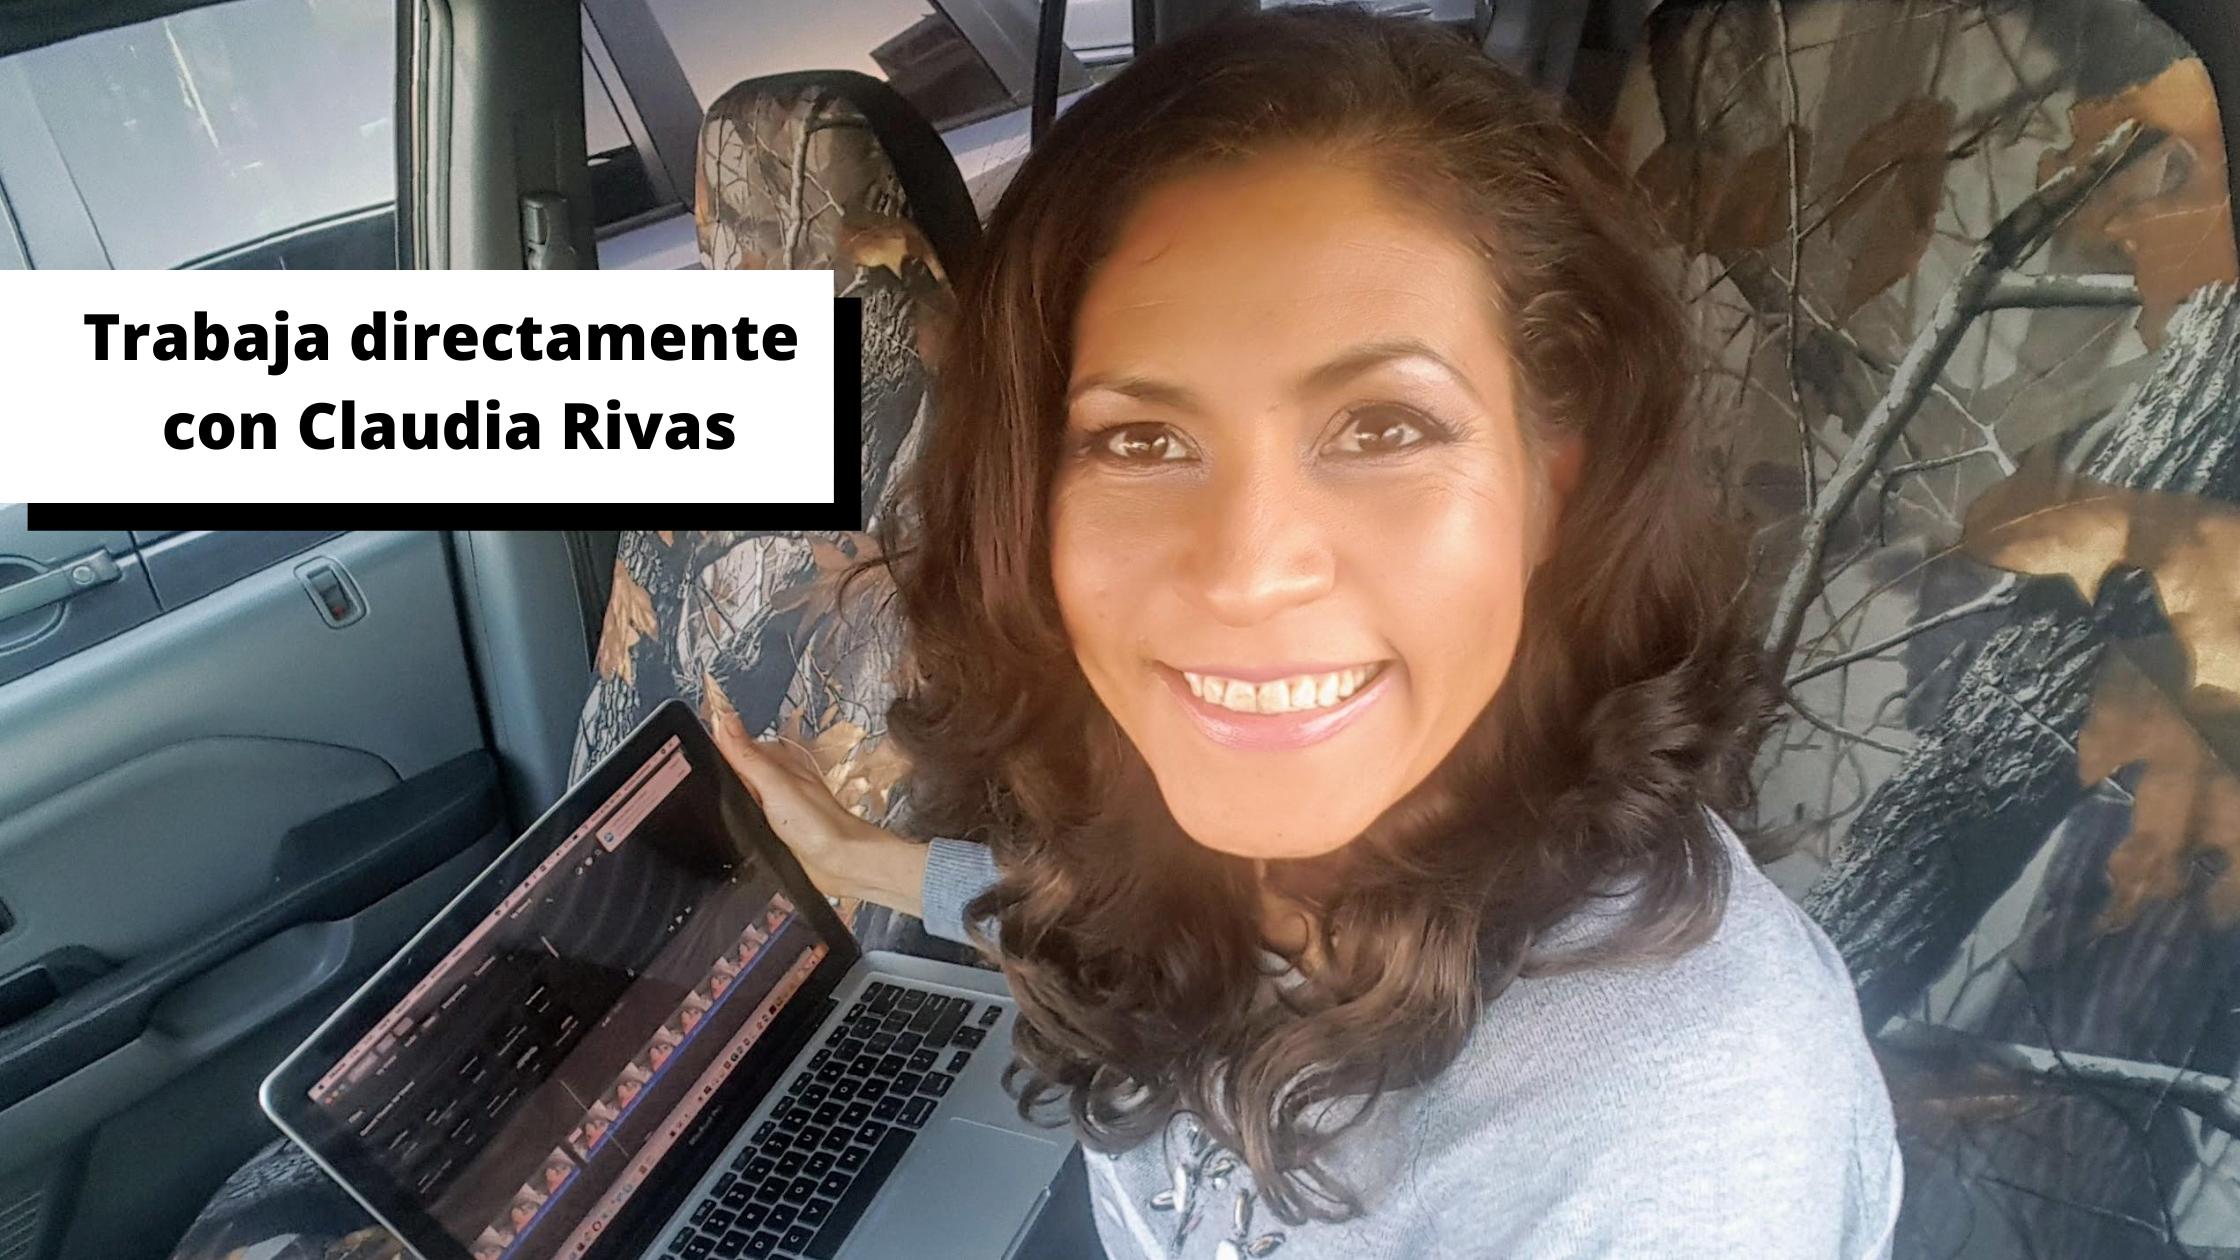 Trabaja directamente con Claudia Rivas